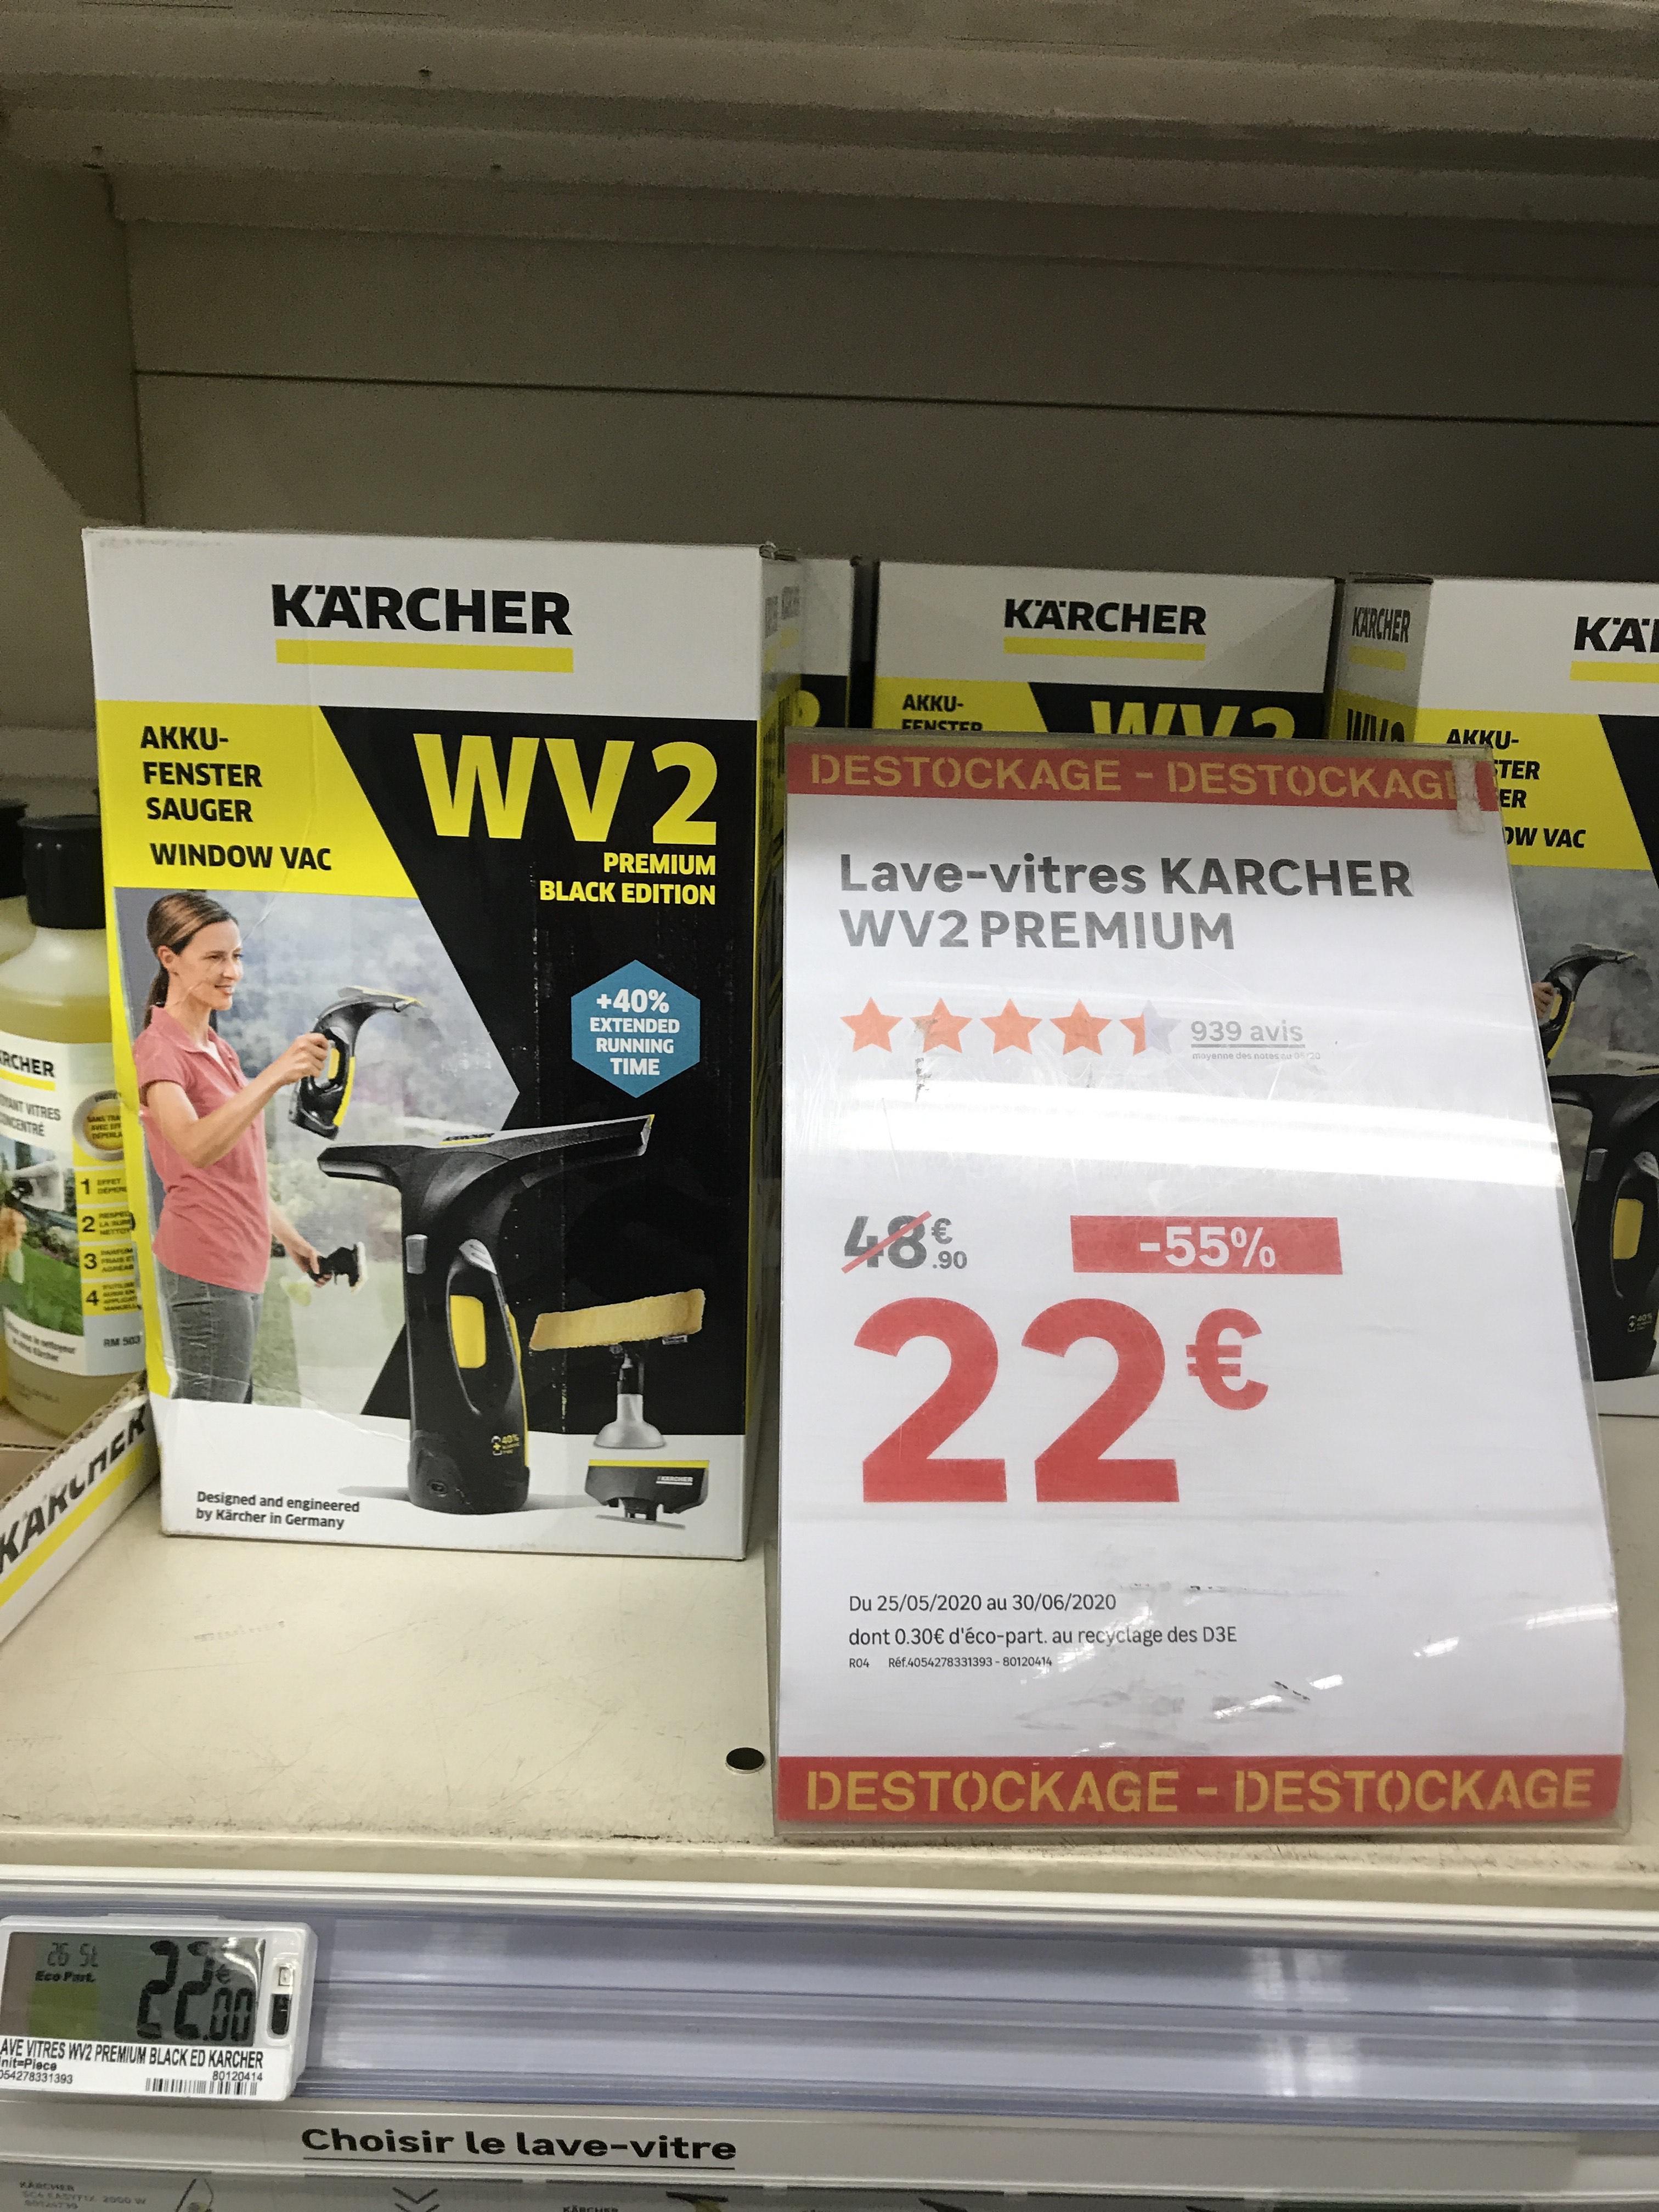 Nettoyeur de Vitres Karcher WV2 Premium Black Edition (Via ODR 10€) - Tassin (69)